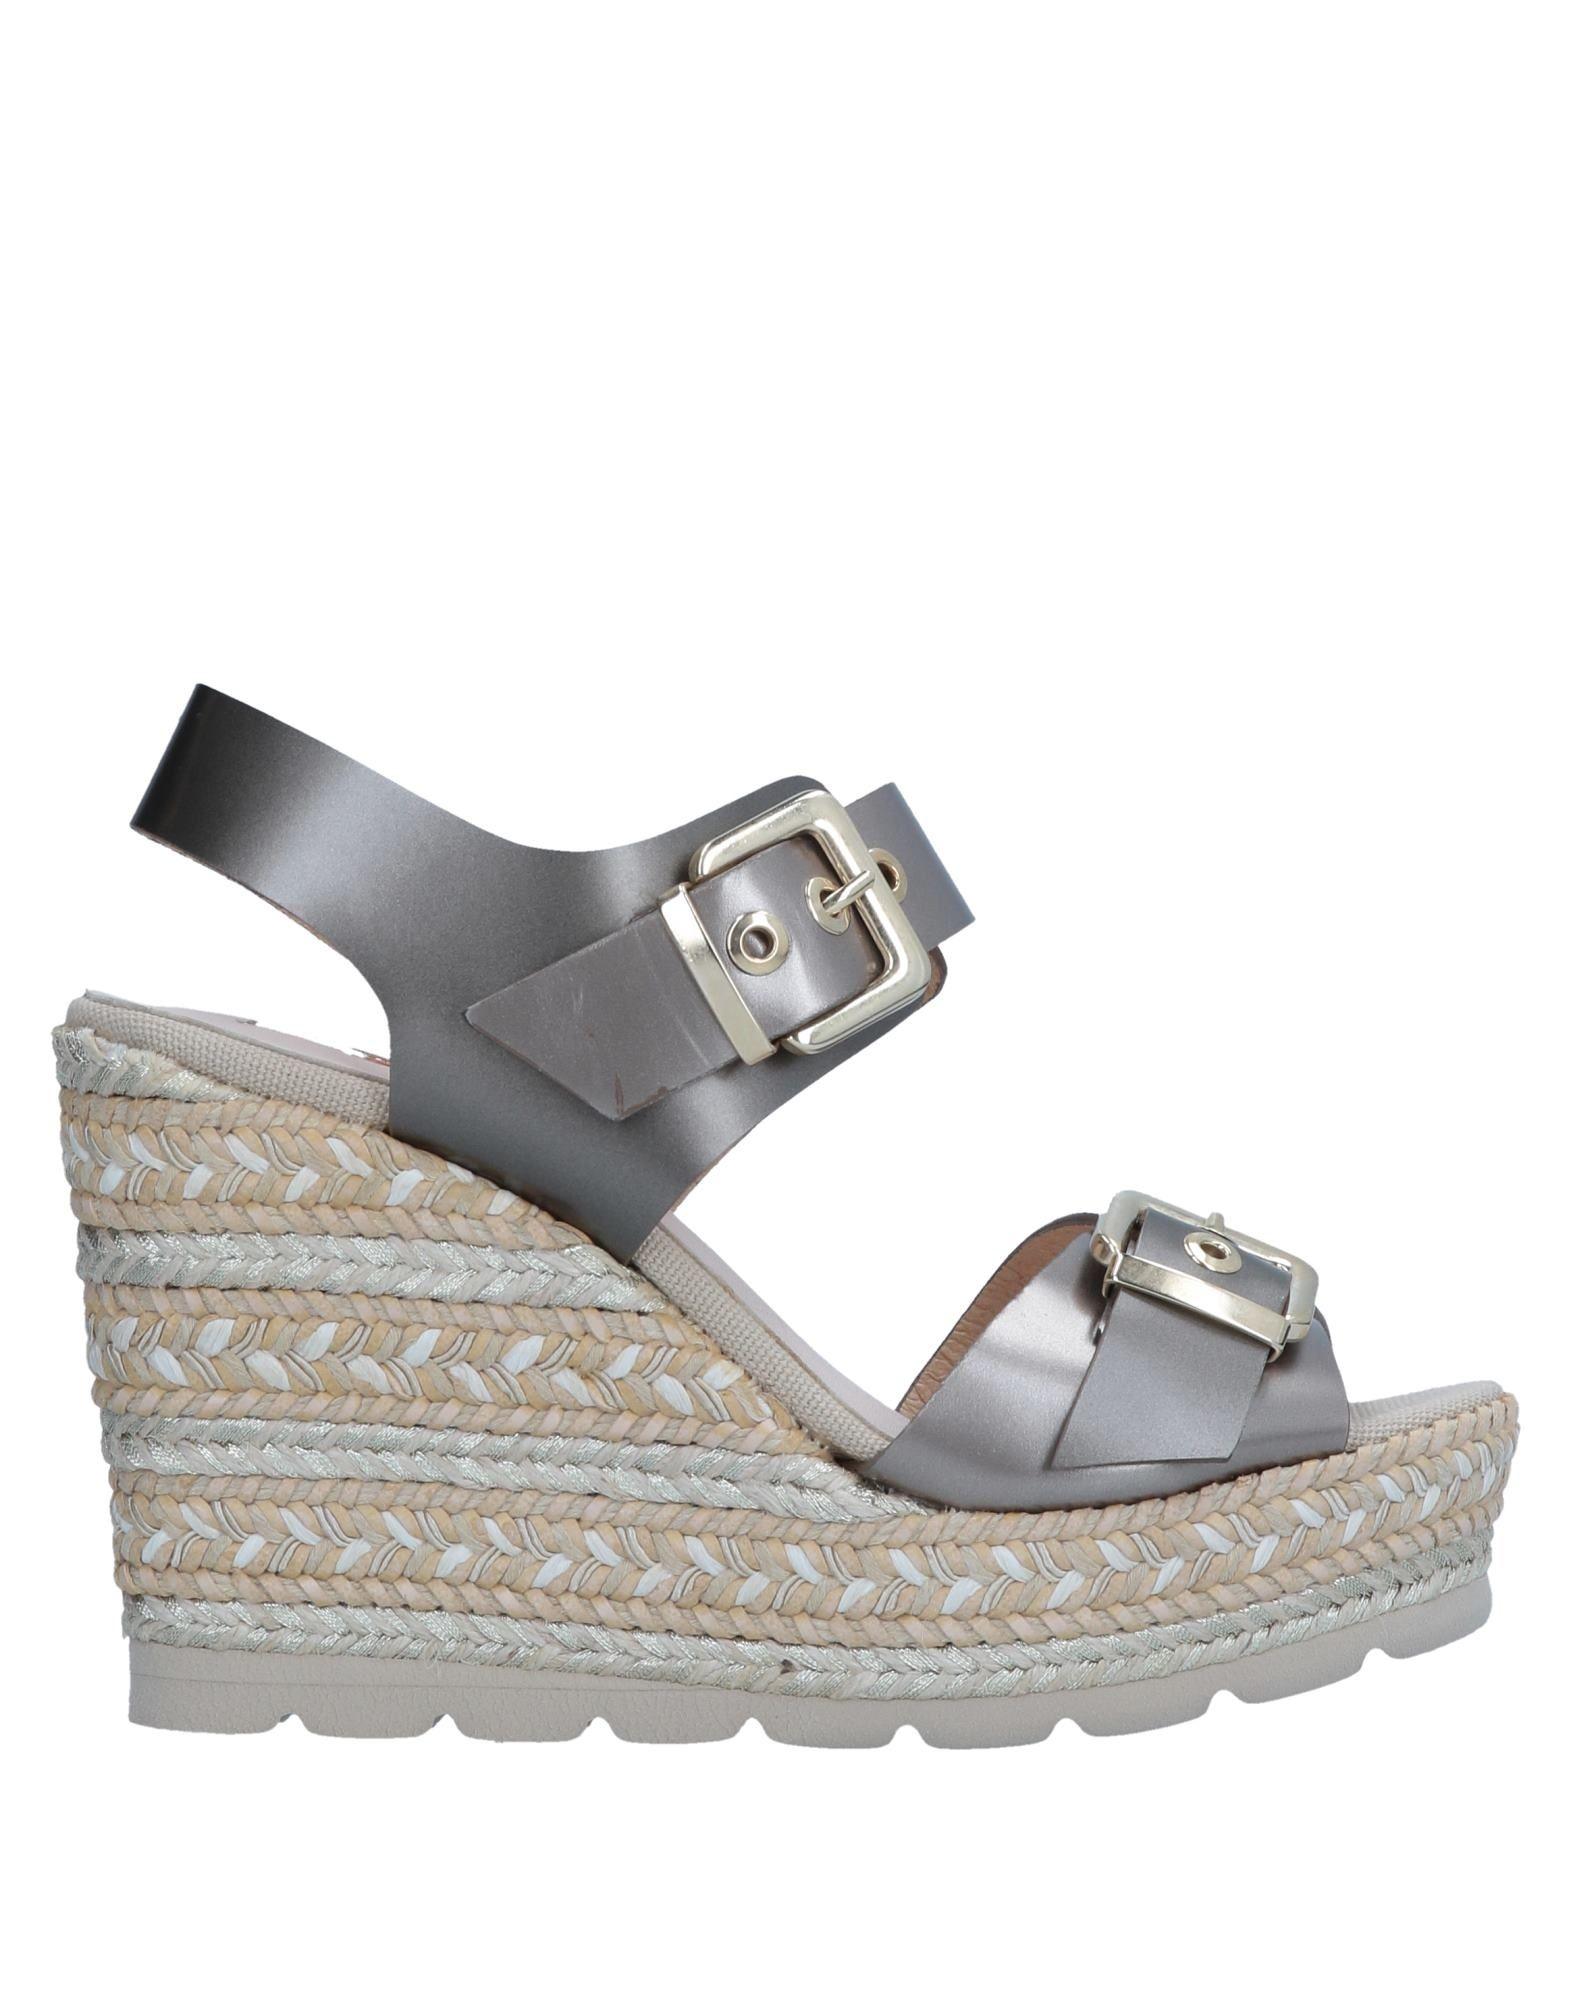 Kanna Sandalen Damen  11539347QC Gute Qualität beliebte Schuhe